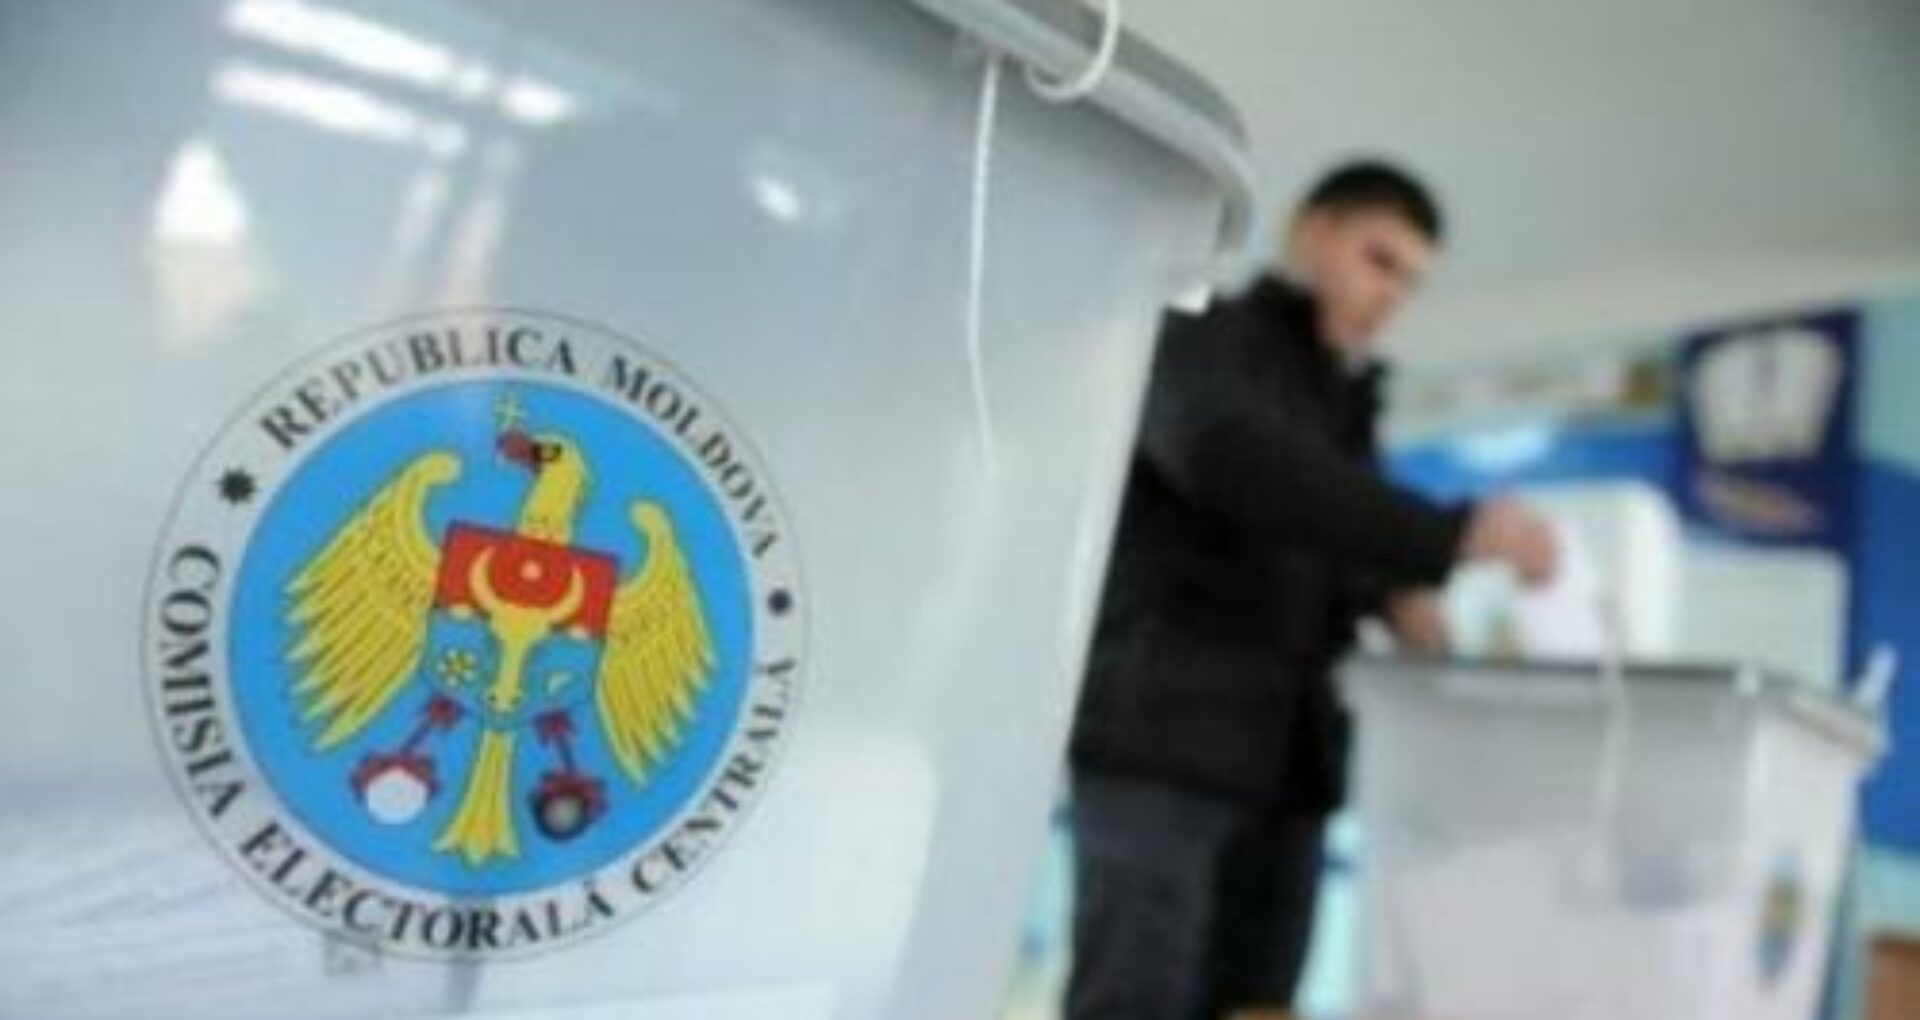 DOC/ Persoanele care vor merge să voteze până la ora 15:00, dar vor prezenta simptome asociate COVID-19, nu vor fi lăsate să intre în secția de votare